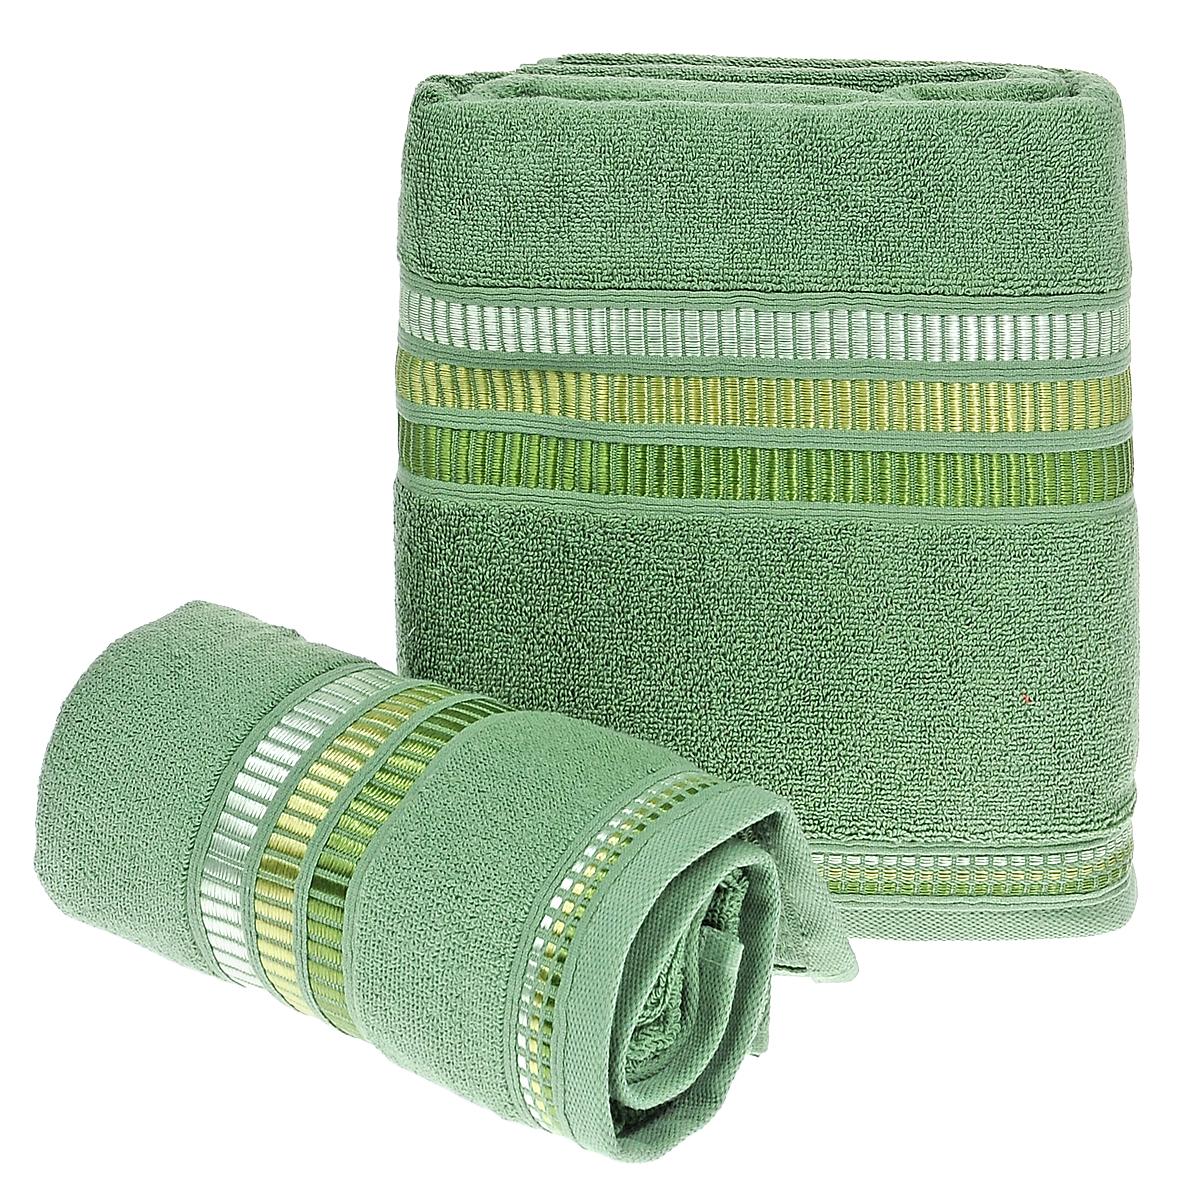 Набор махровых полотенец Coronet Пиано, цвет: зеленый, 2 шт. Б-МП-2020-15-05-кБ-МП-2020-15-05-кПодарочный набор Coronet Пиано состоит из двух полотенец разного размера, выполненных из натуральной махровой ткани. Полотенца украшены изящным декоративным теснением. Мягкие и уютные, они прекрасно впитывают влагу и легко стираются. Такой набор подарит вам мягкость и необыкновенный комфорт в использовании. Благодаря высокому качеству изготовления, полотенце будет радовать многие годы. Полотенца упакованы в подарочную коробку и станут приятным и полезным подарком вашим друзьям и близким.